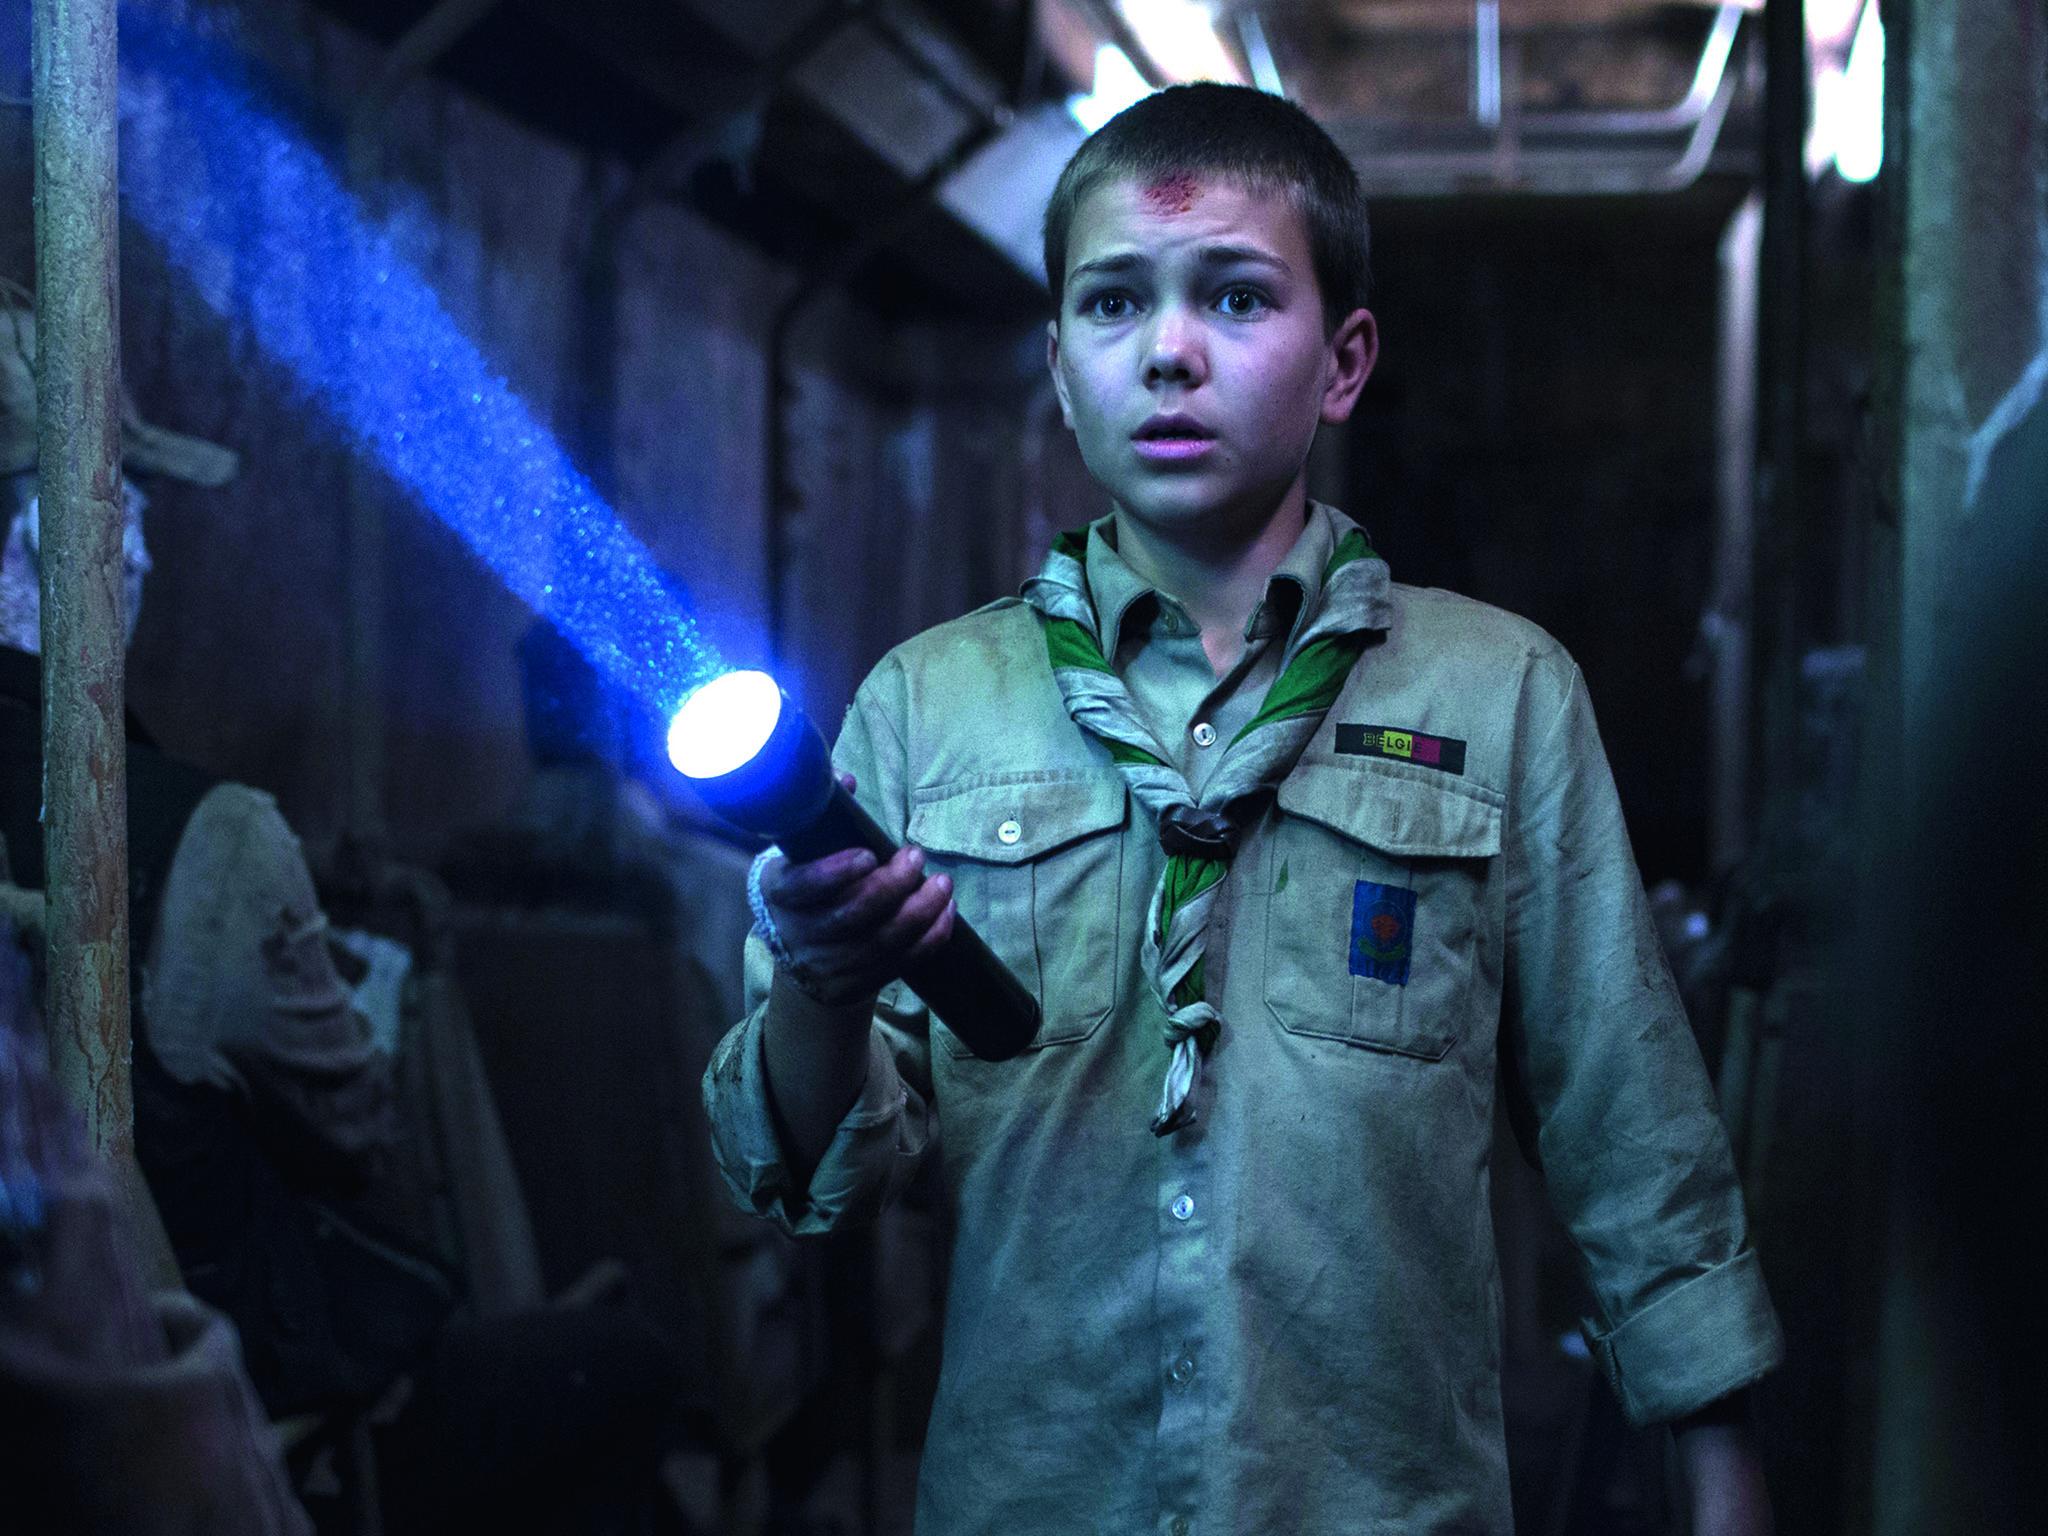 intergalactic movie 2014 trailer - HD1920×1080